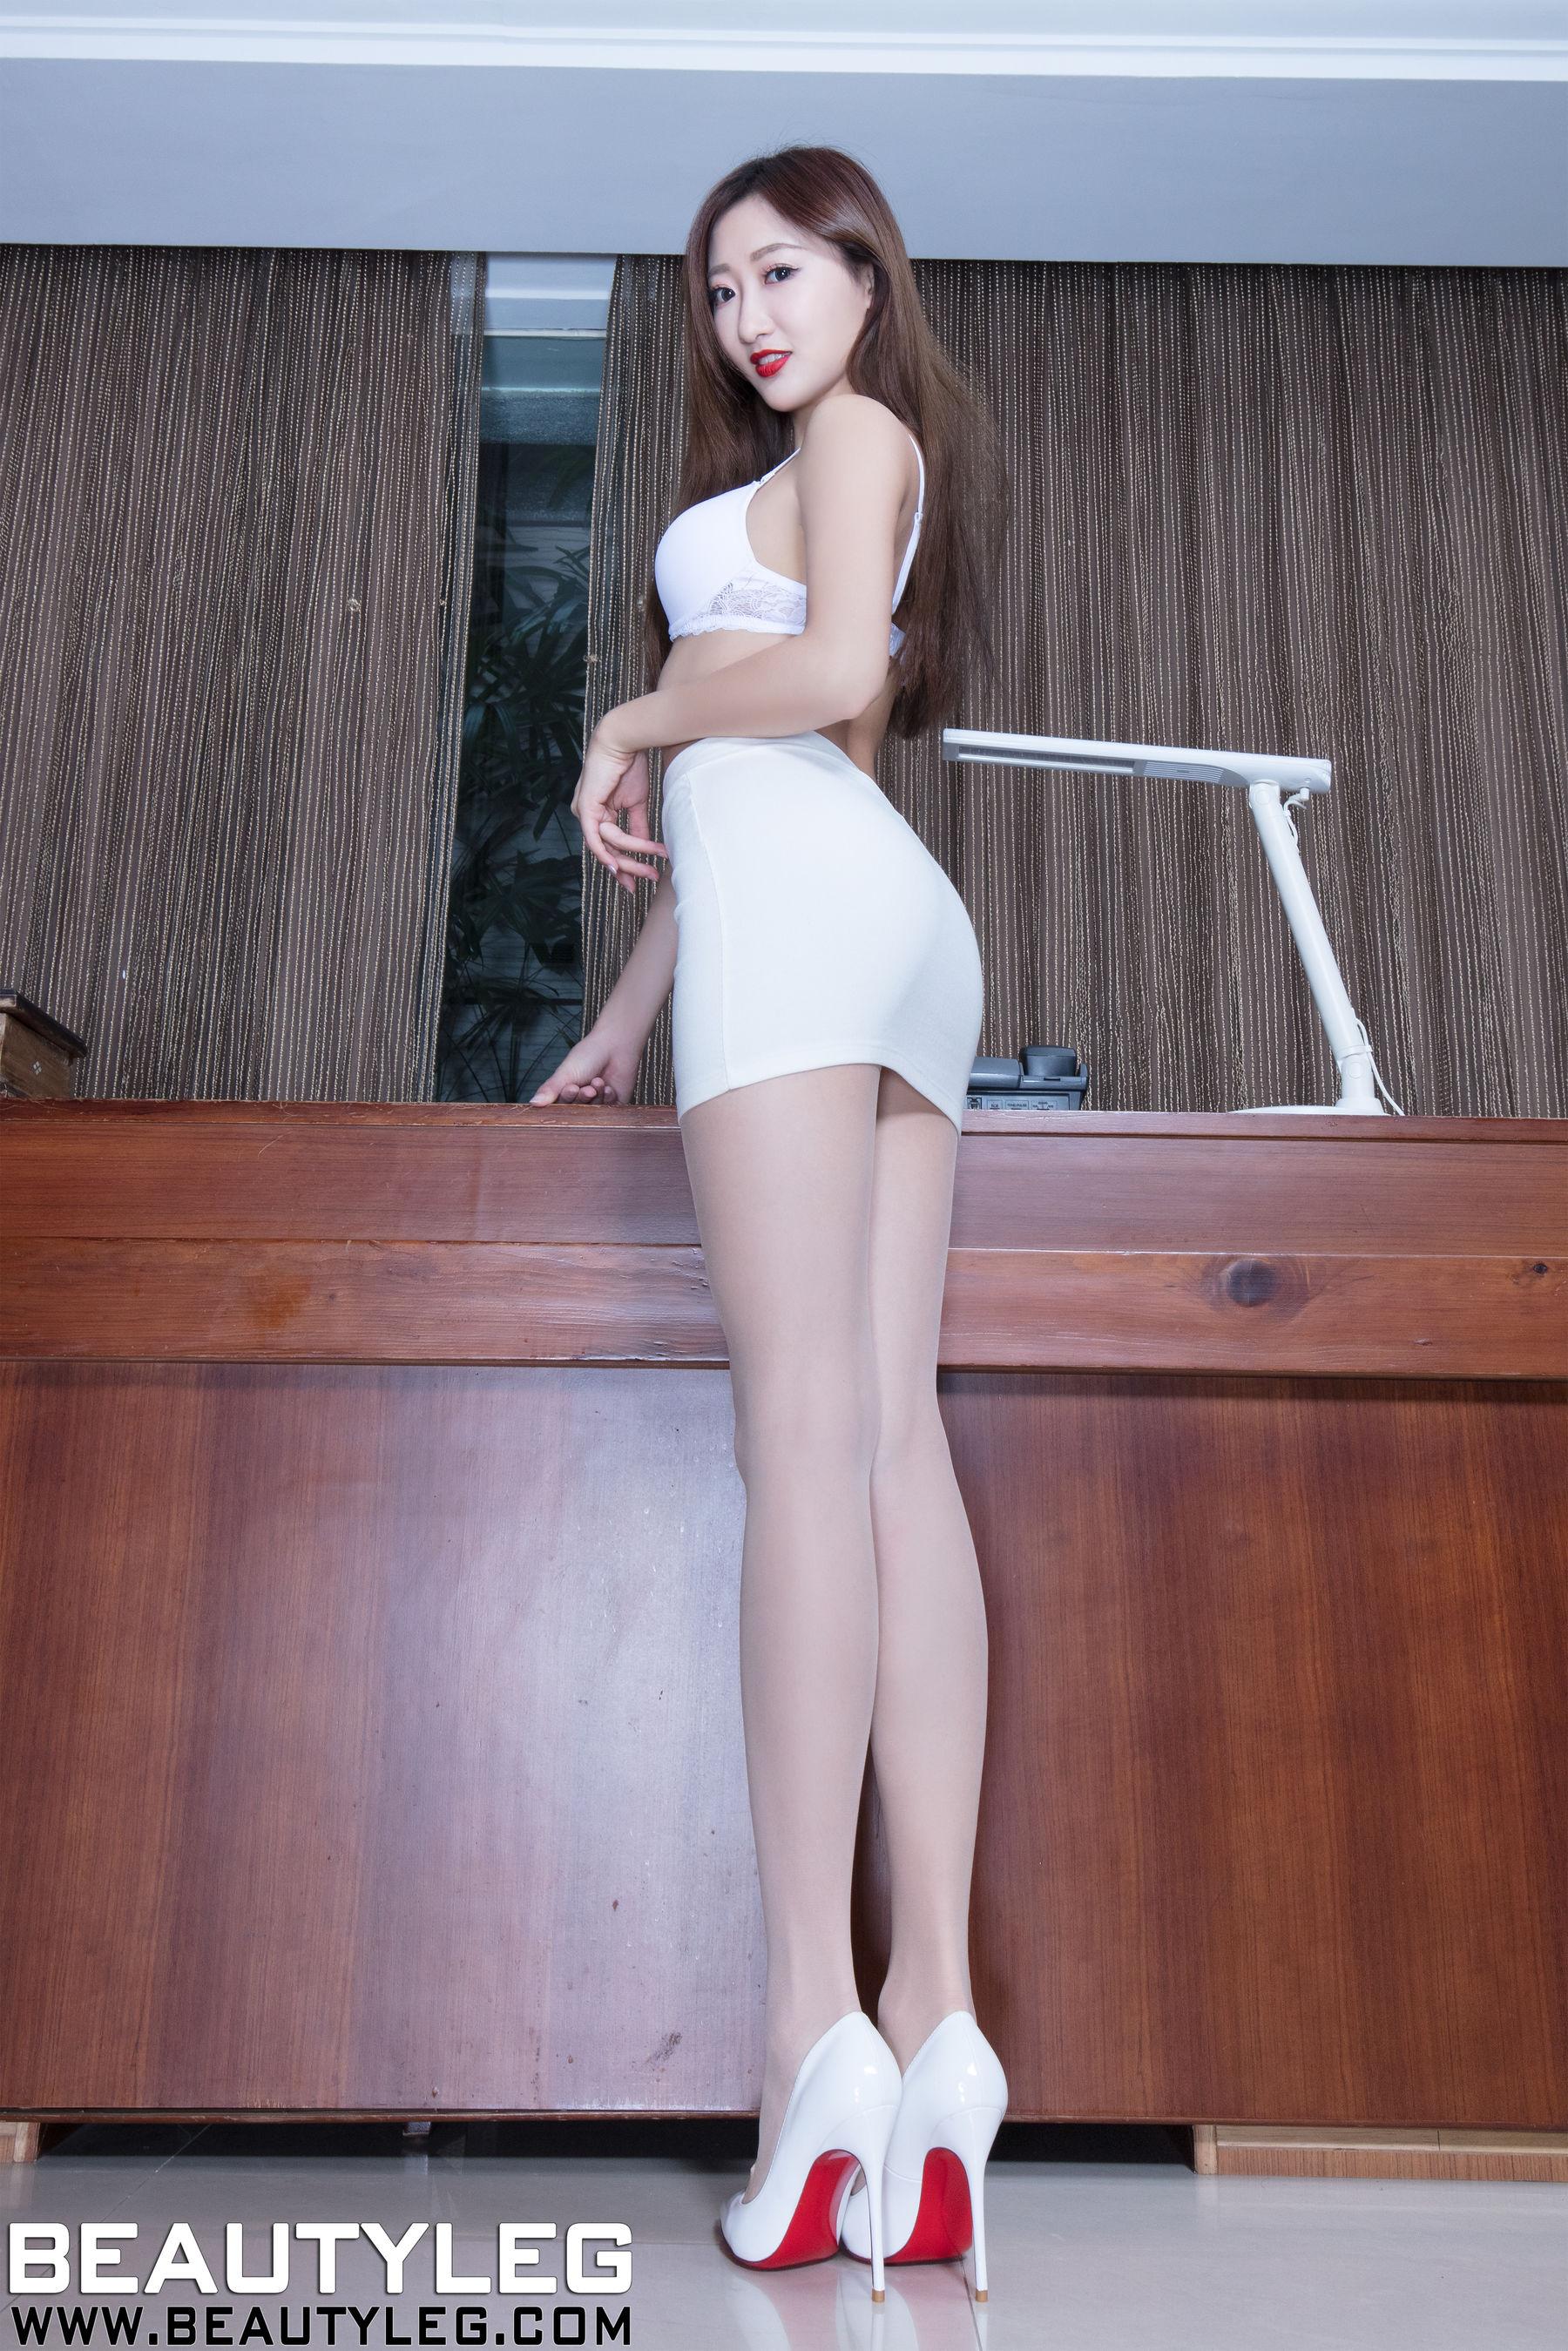 VOL.1327 [Beautyleg]丝袜美腿腿模长腿美女:腿模Minnie(Minnie)高品质写真套图(51P)